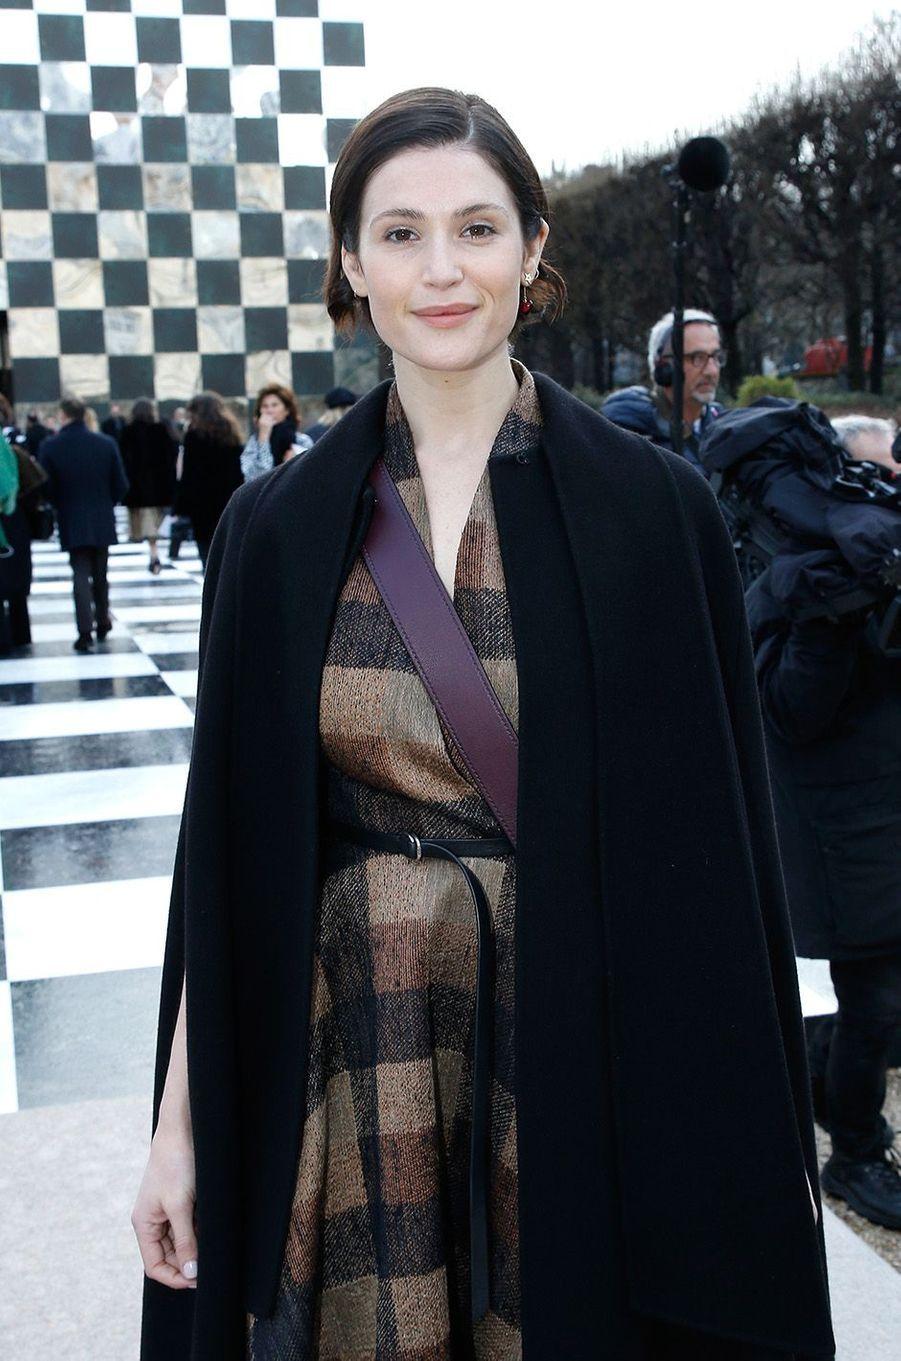 Gemma Atertonau défilé Christian Dior au musée Rodin, à Paris, le 22 janvier 2018.